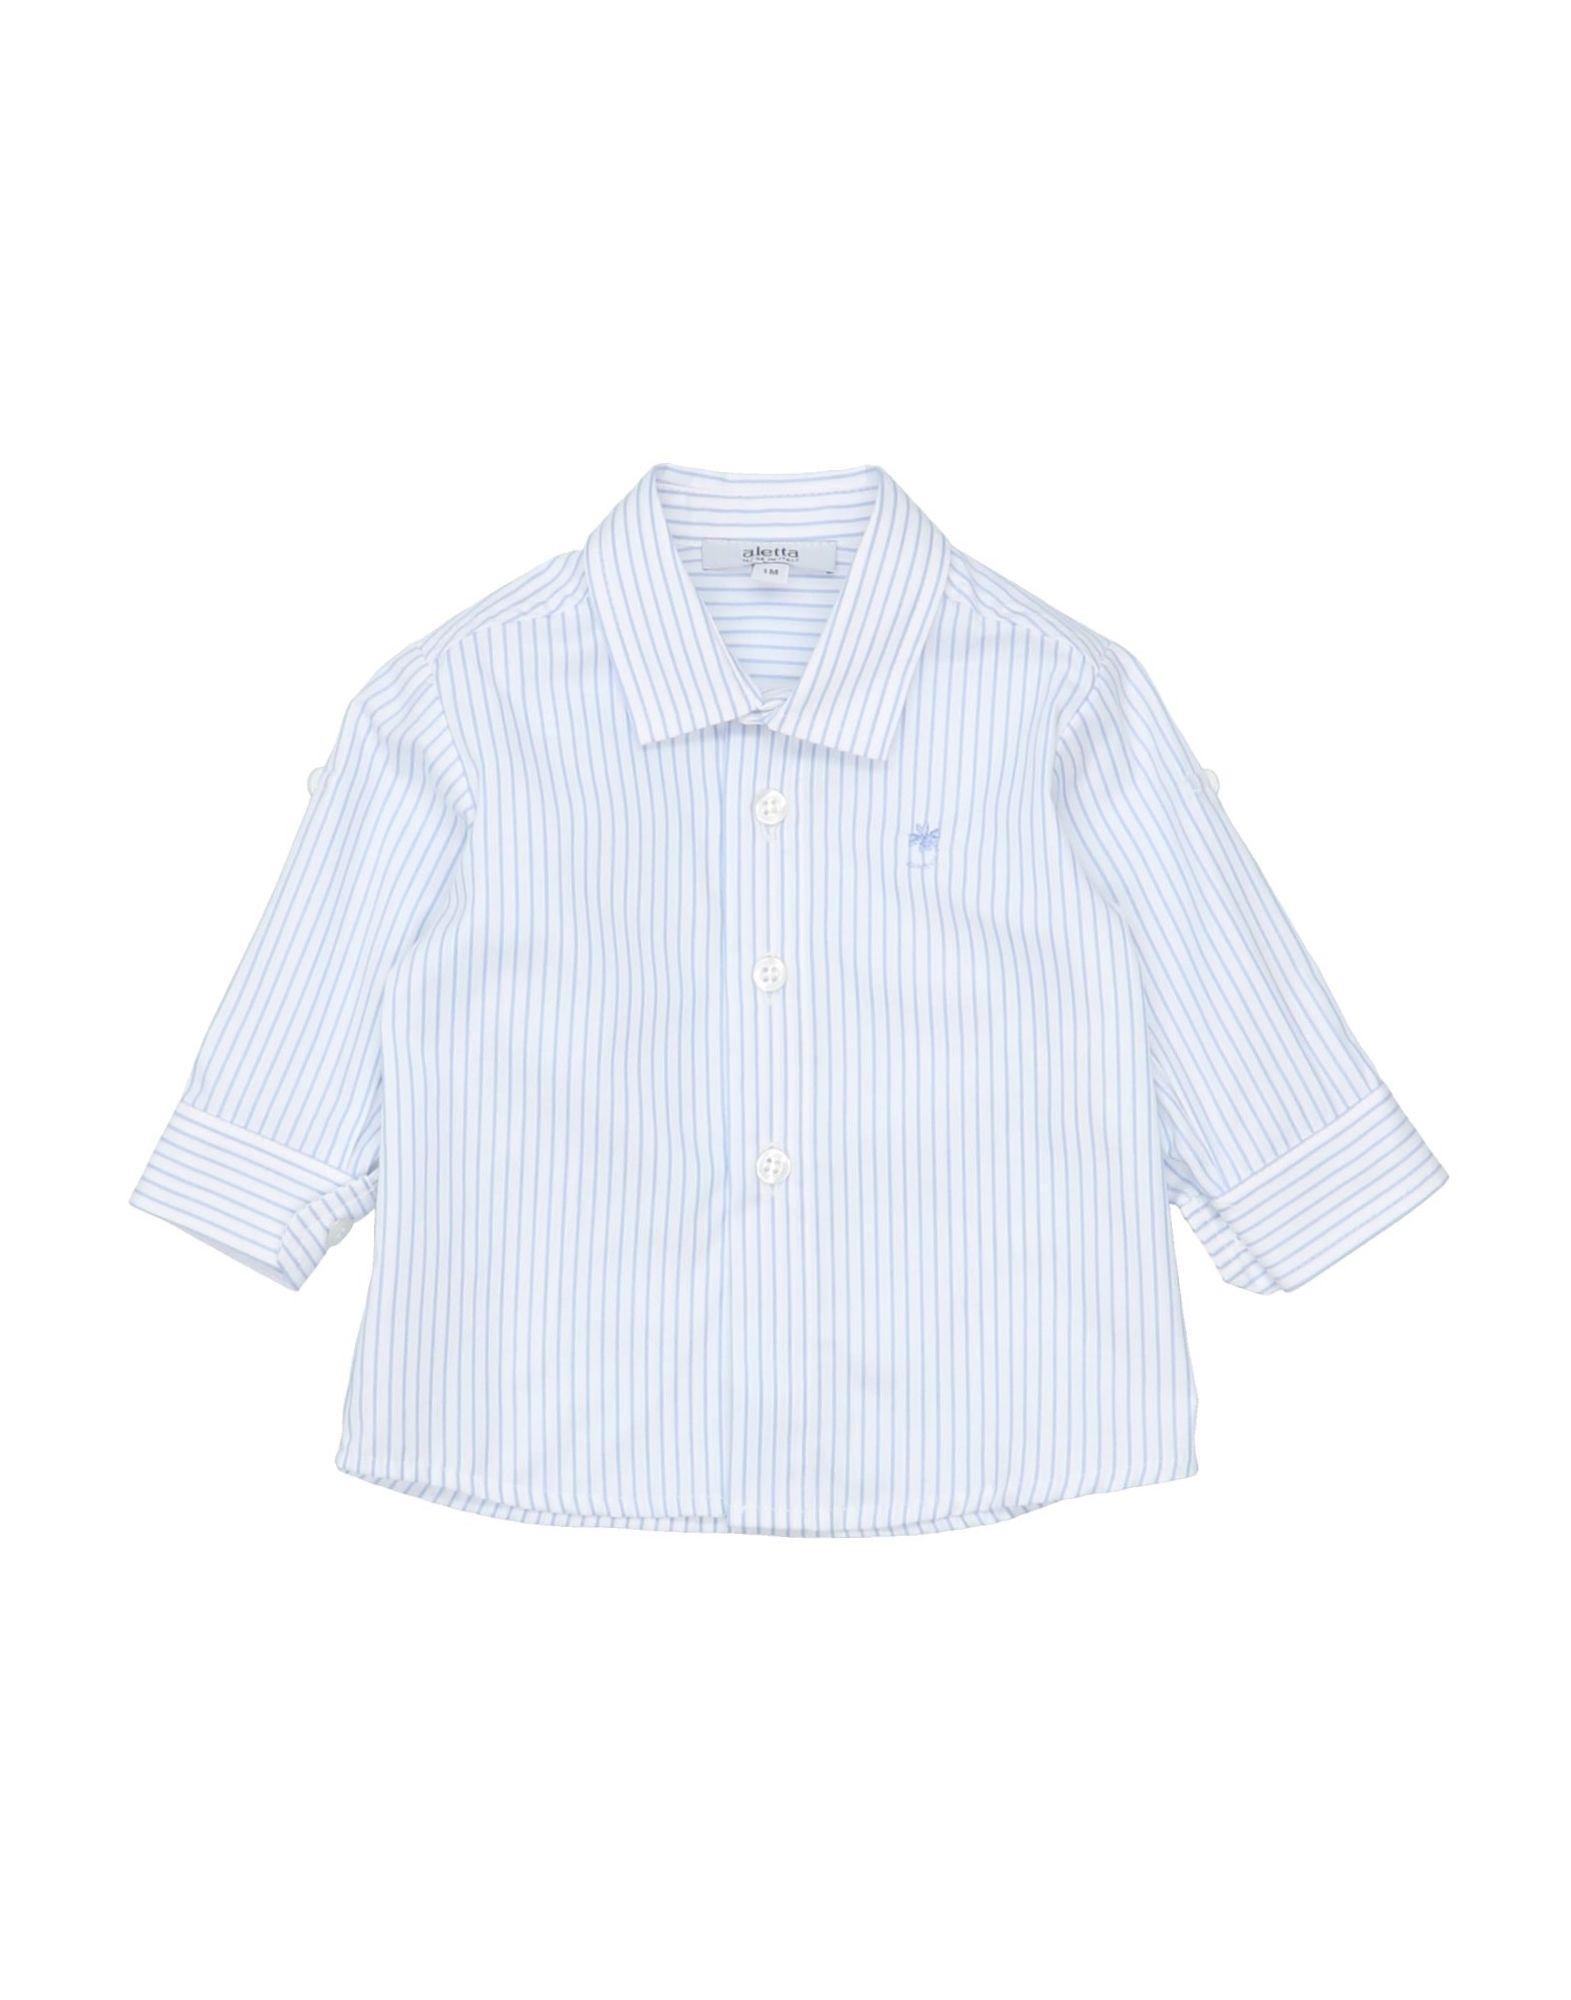 《セール開催中》ALETTA ボーイズ 0-24 ヶ月 シャツ スカイブルー 1 コットン 100%